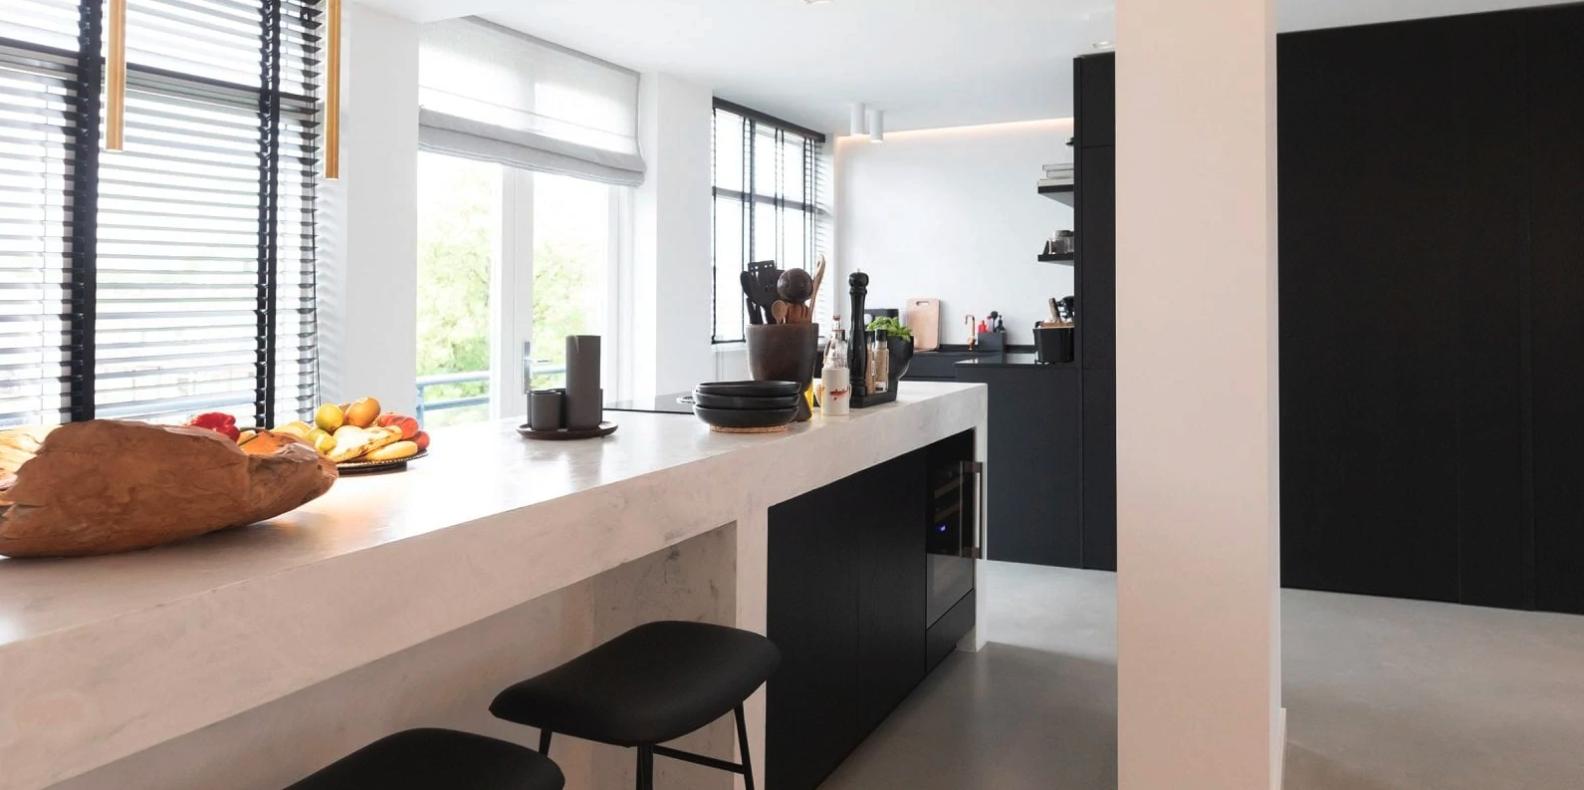 Moderne Keuken Op Maat Door Atelier 19 Barendrecht